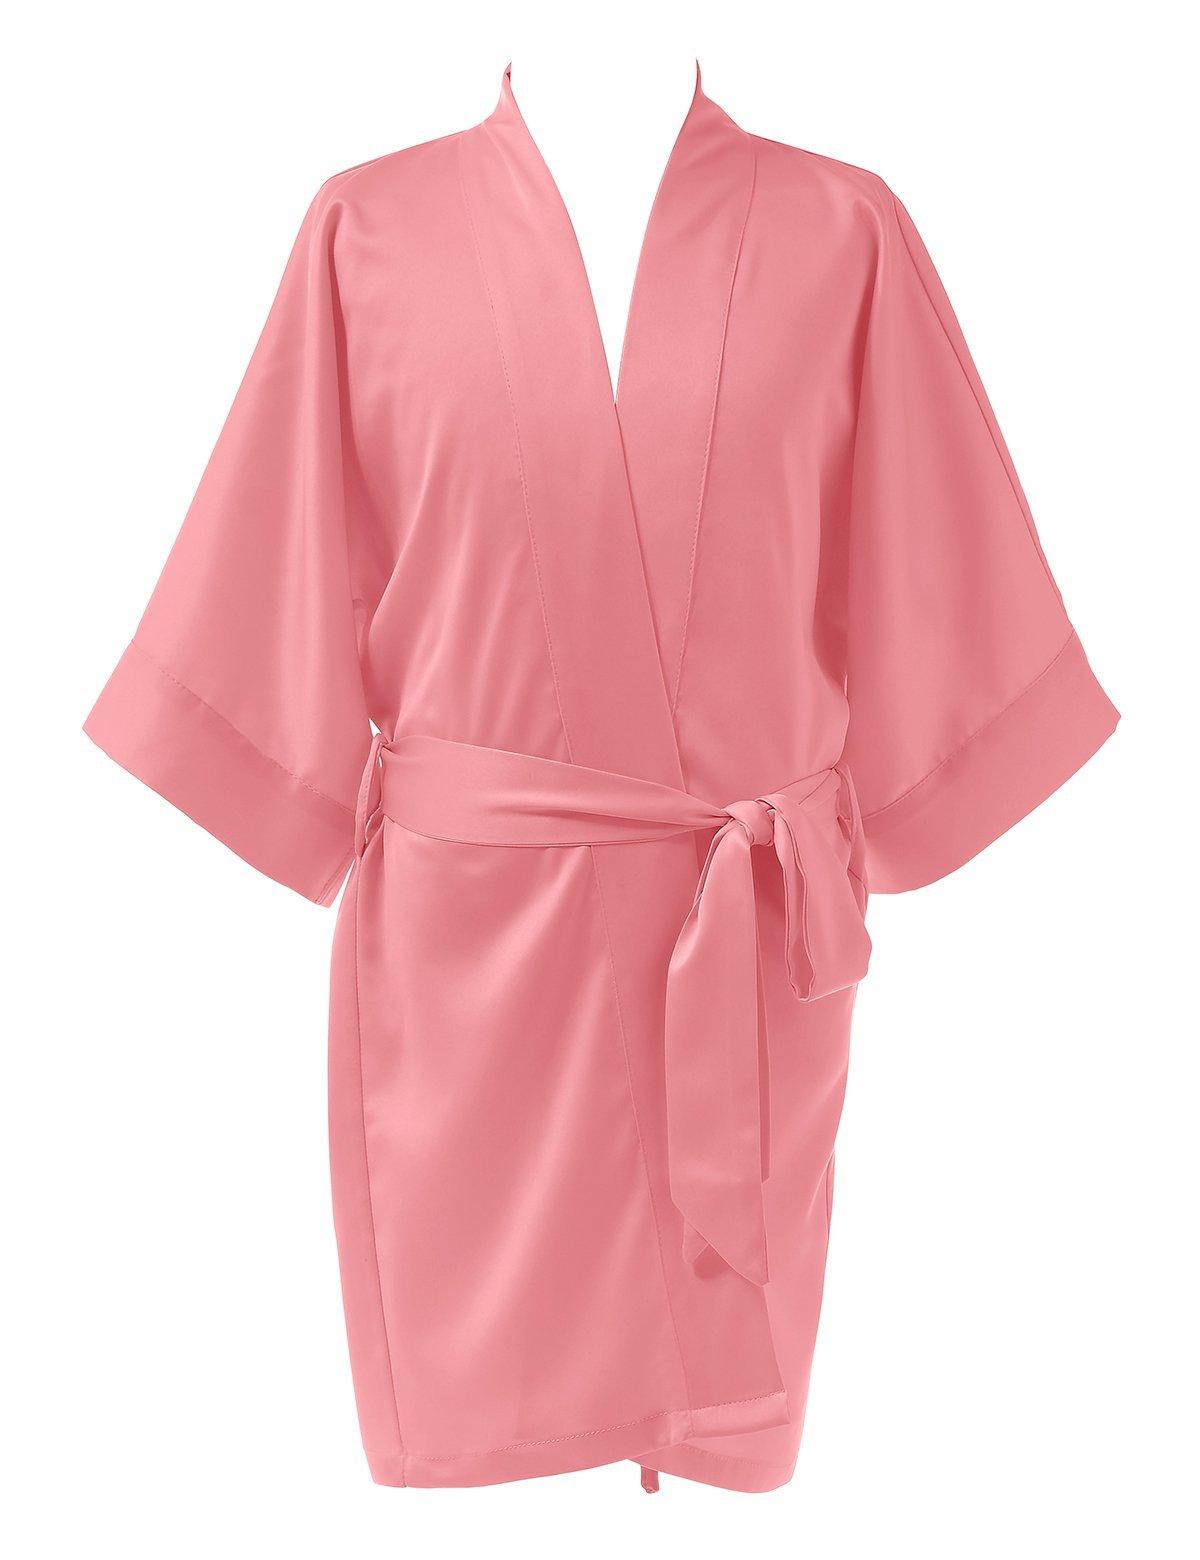 Remedios Girls' Satin Kimono Robe For Spa Party Wedding Birthday Bathrobe Nightgown, Coral Pink, L